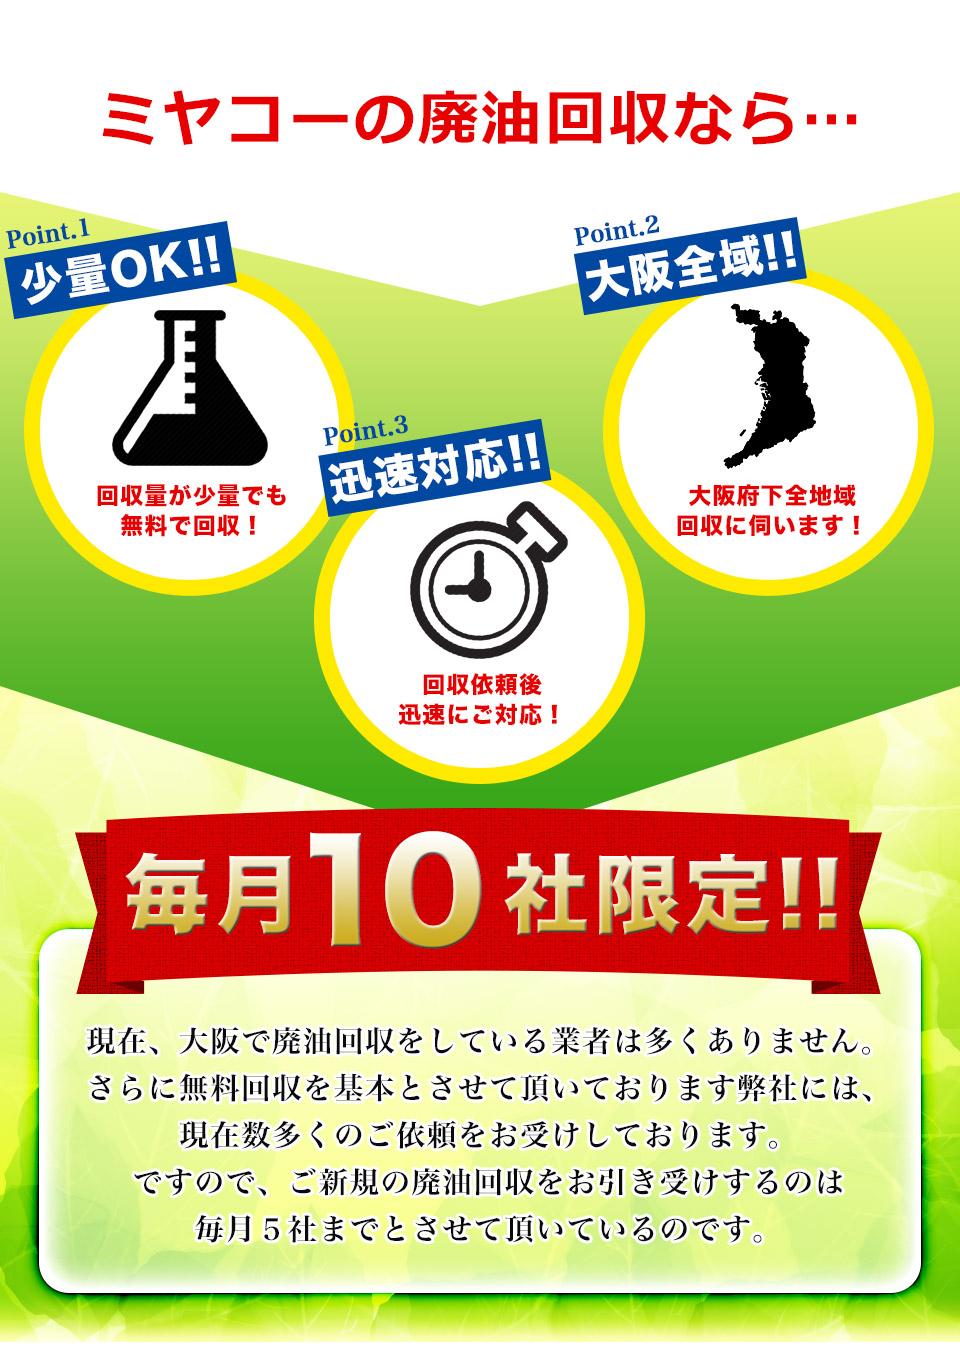 毎月10社限定!現在、大阪で廃油回収をしている業者は多くありません。さらに無料回収を基本とさせて頂いております弊社には、現在数多くのご依頼をお受けしております。ですので、ご新規の廃油回収をお引き受けするのは毎月5社までとさせて頂いております。